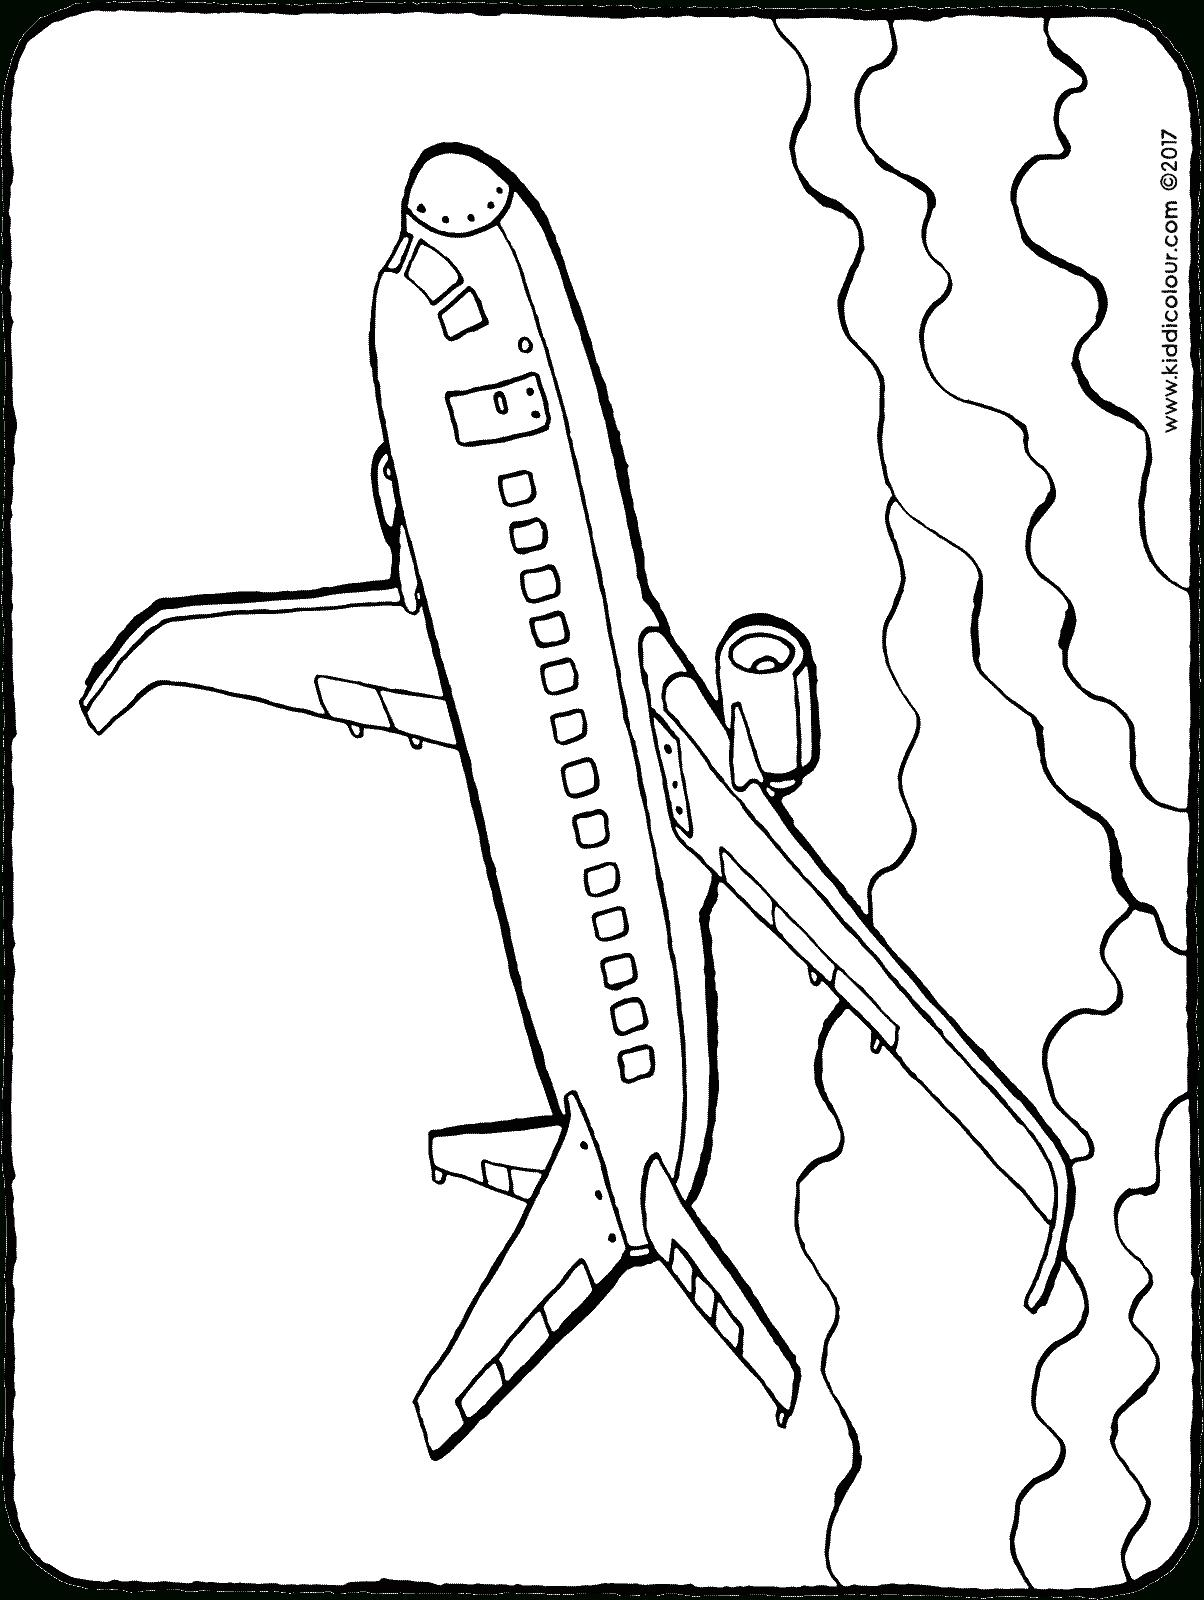 Flugzeug - Kiddimalseite bestimmt für Flugzeug Malvorlagen